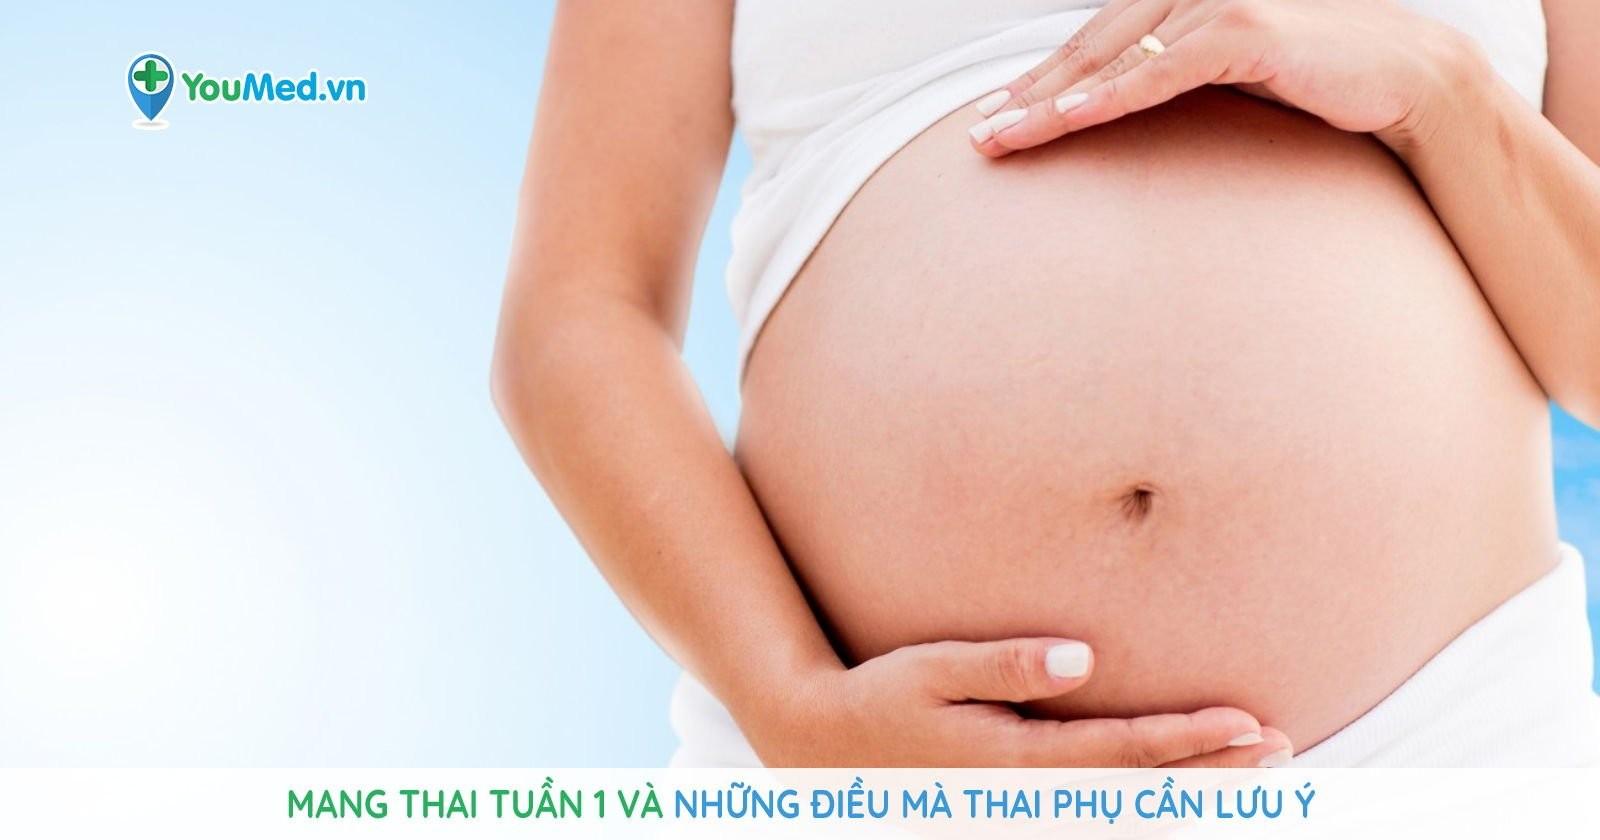 Mang thai tuần 1 và những điều mà thai phụ cần lưu ý